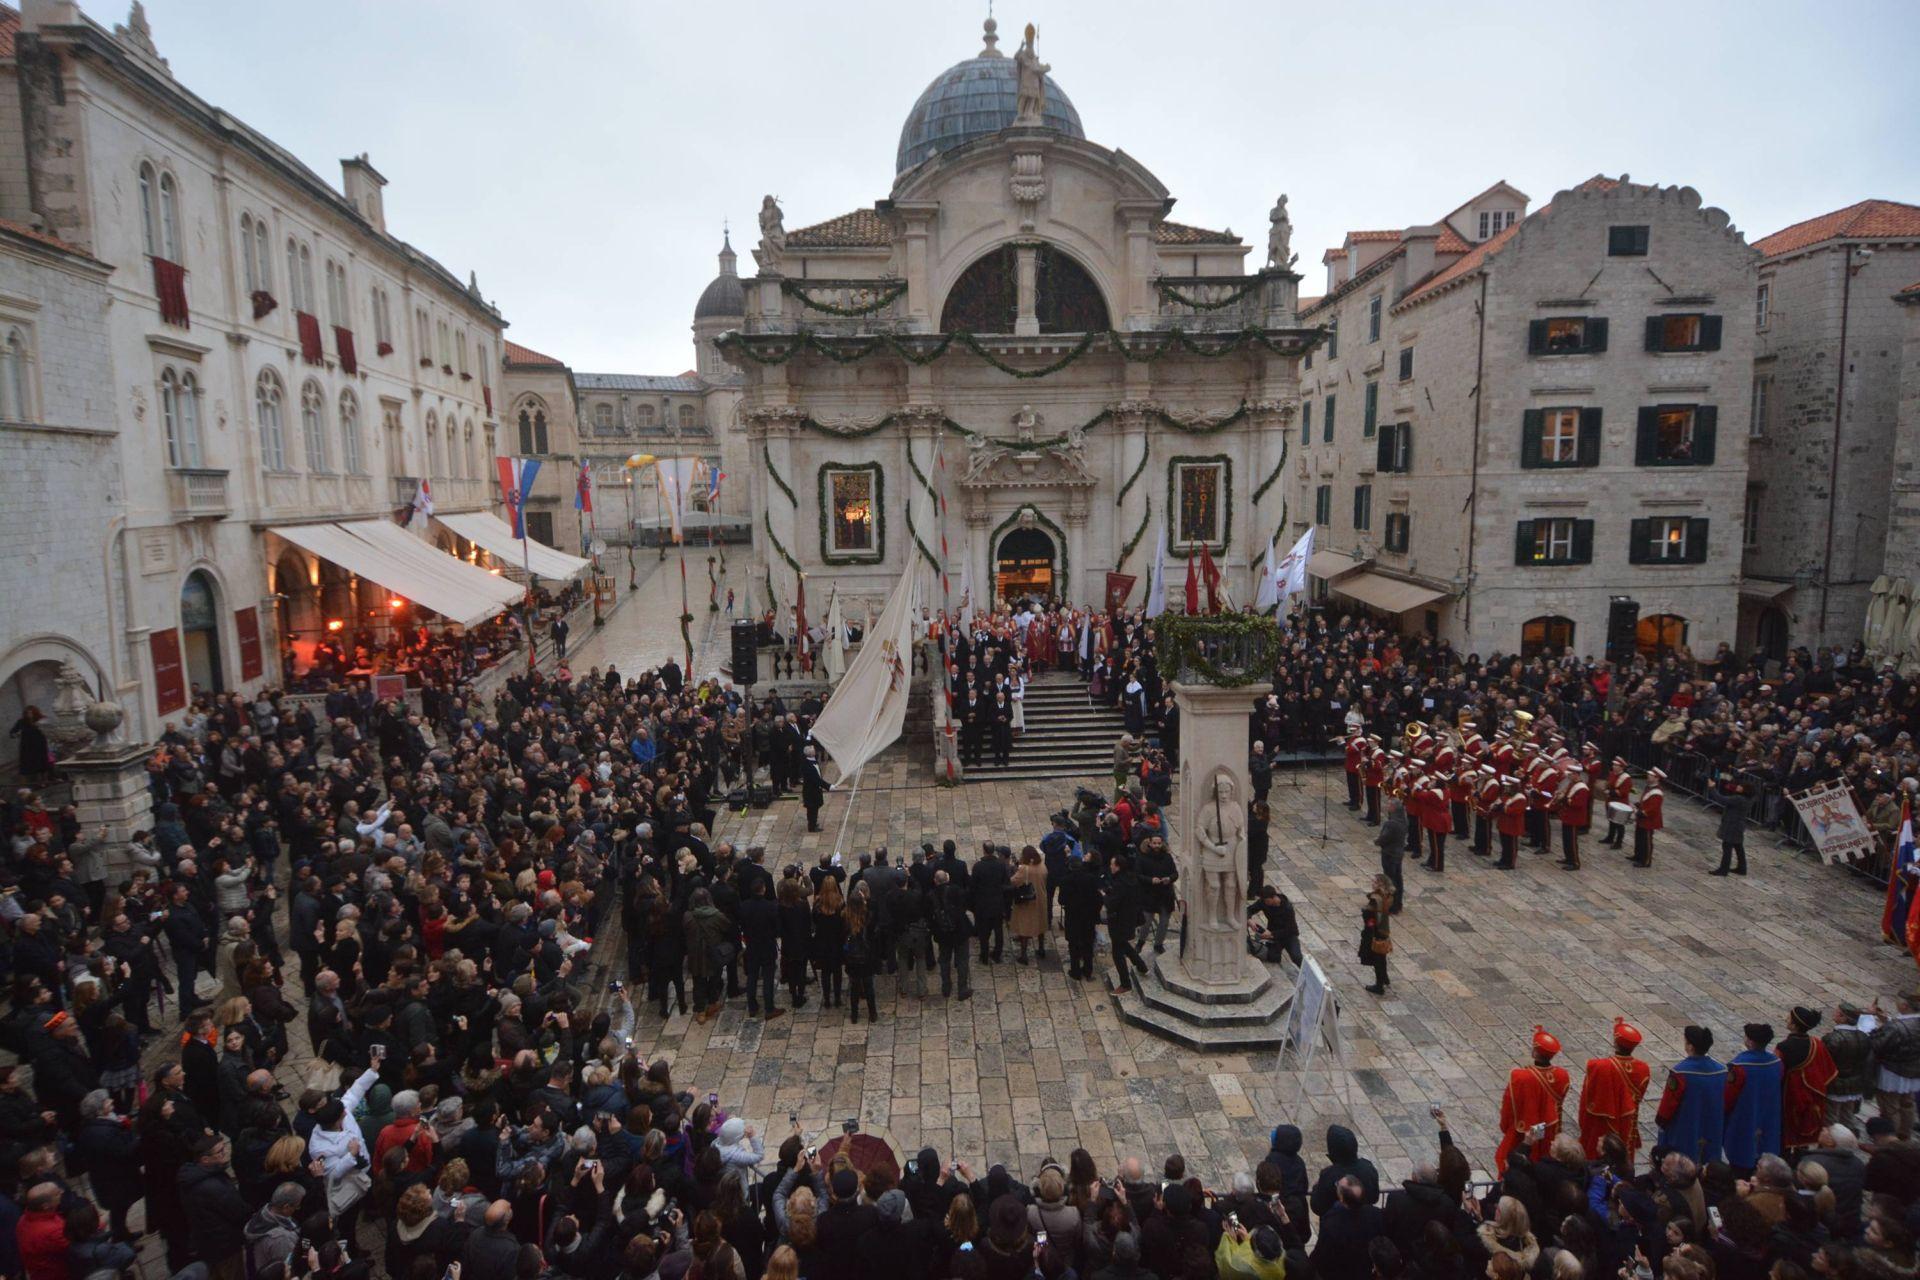 Veleposlanik Crne Gore odao počast braniteljima Dubrovnika